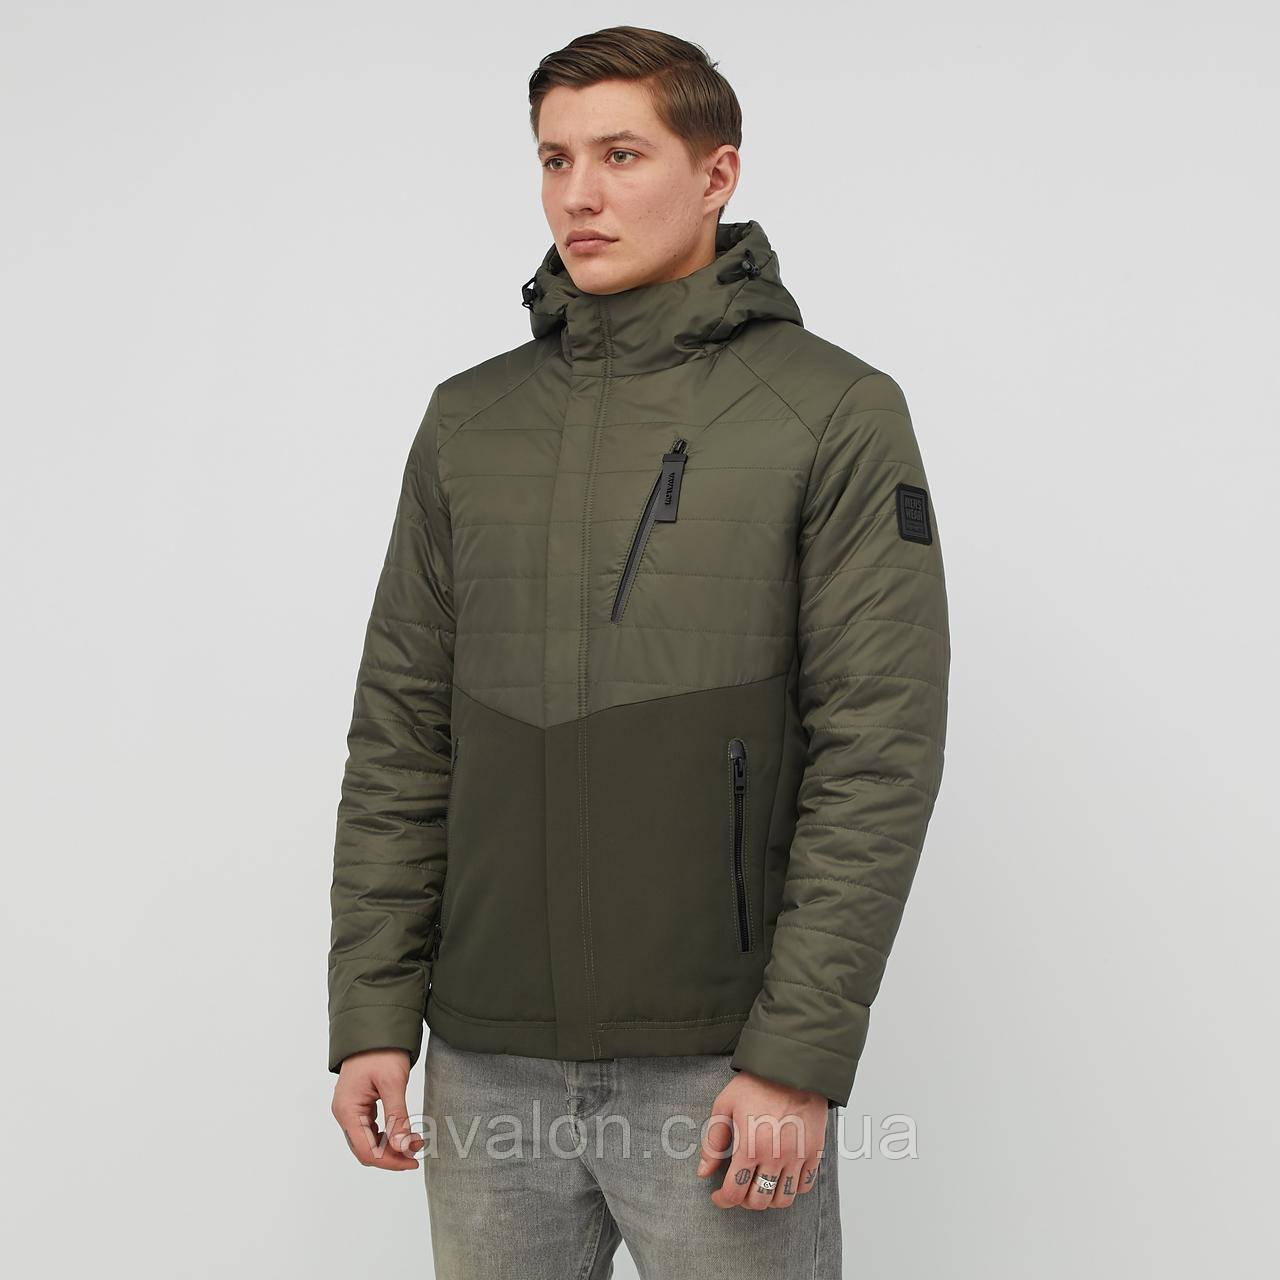 Куртка демисезонная Vavalon KD-801 Khaki